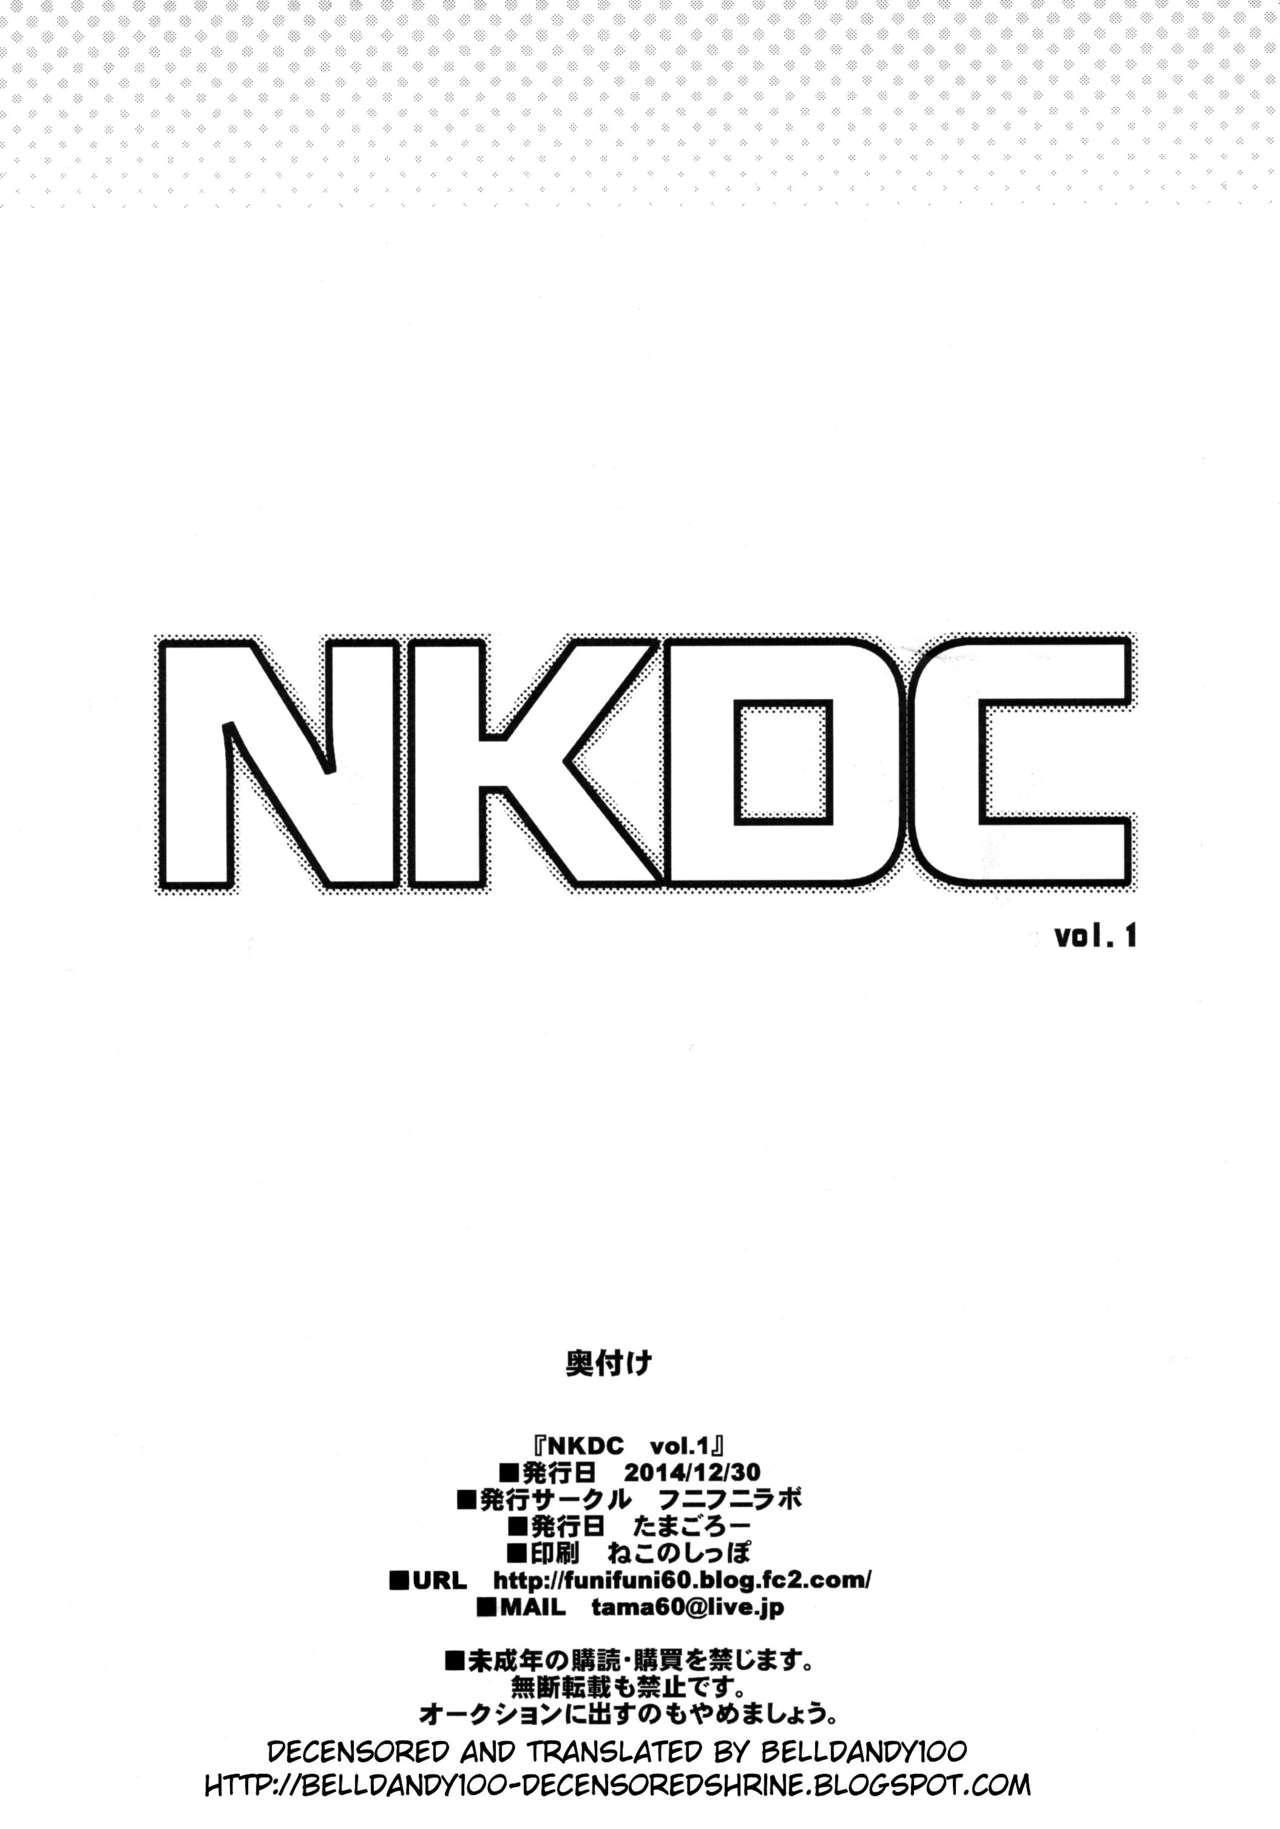 NKDC Vol. 1 11